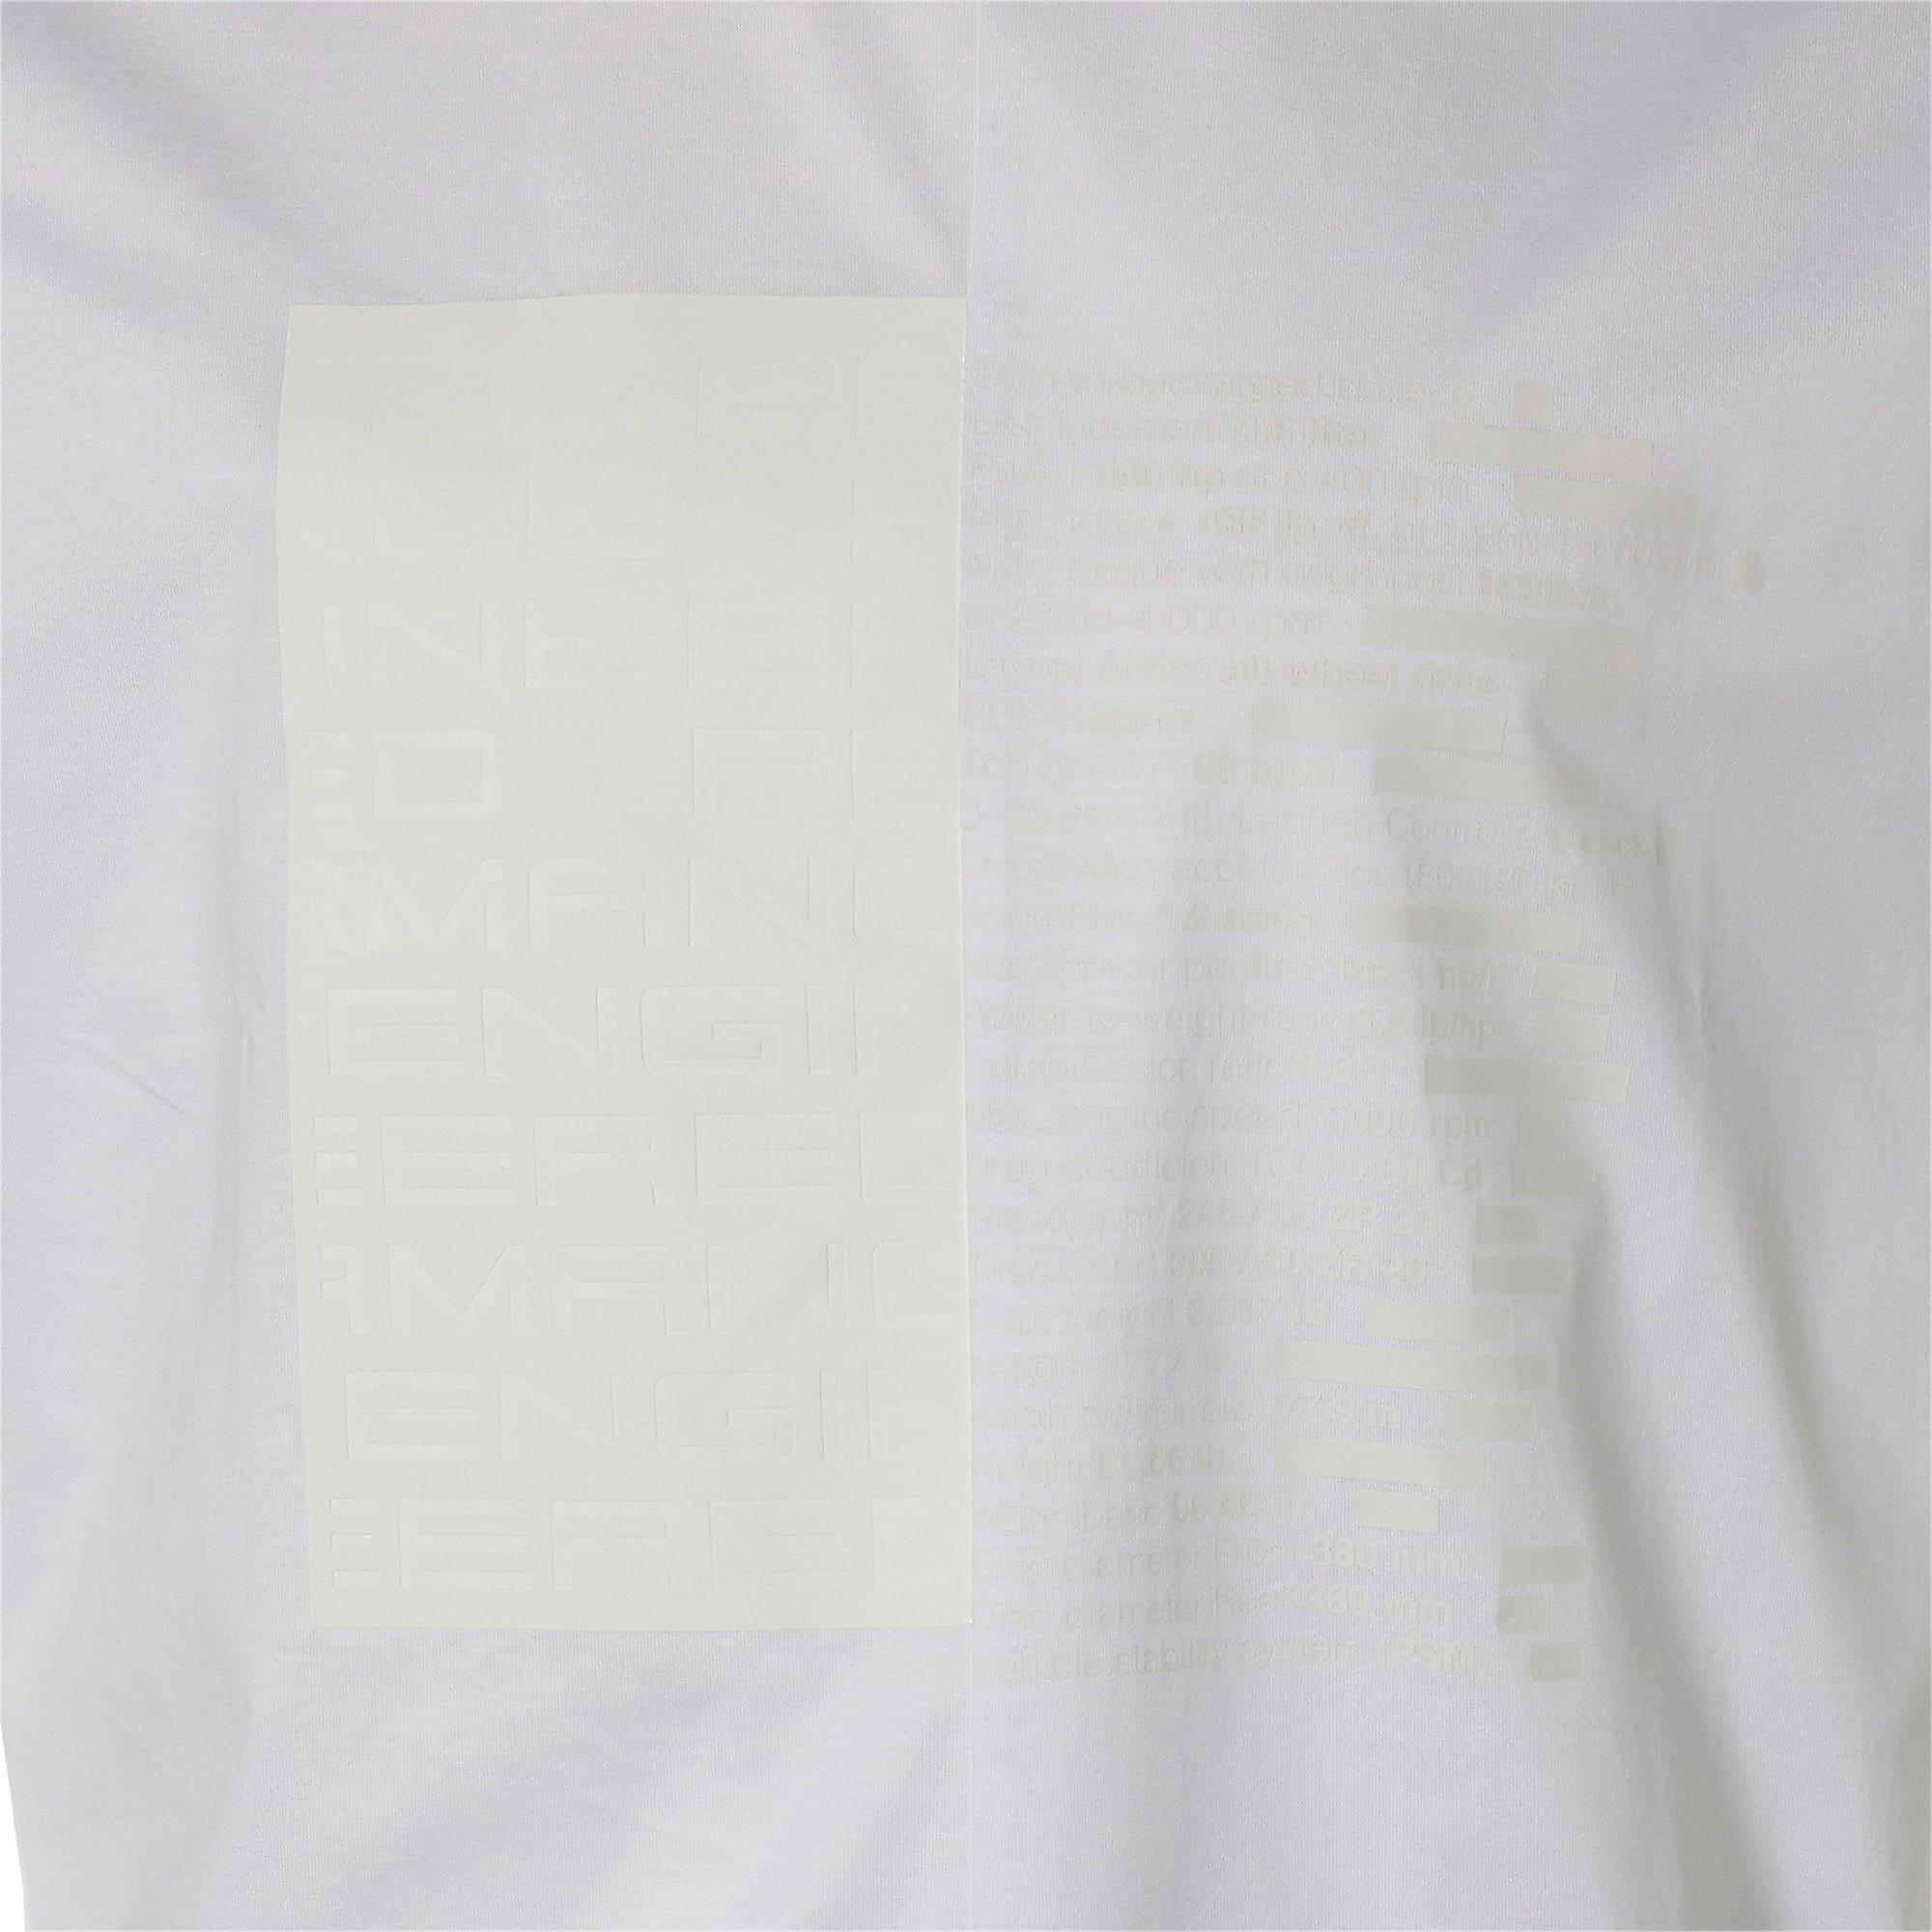 Thumbnail 10 of M ポルシェデザイン PD グラフィック Tシャツ, Puma White, medium-JPN